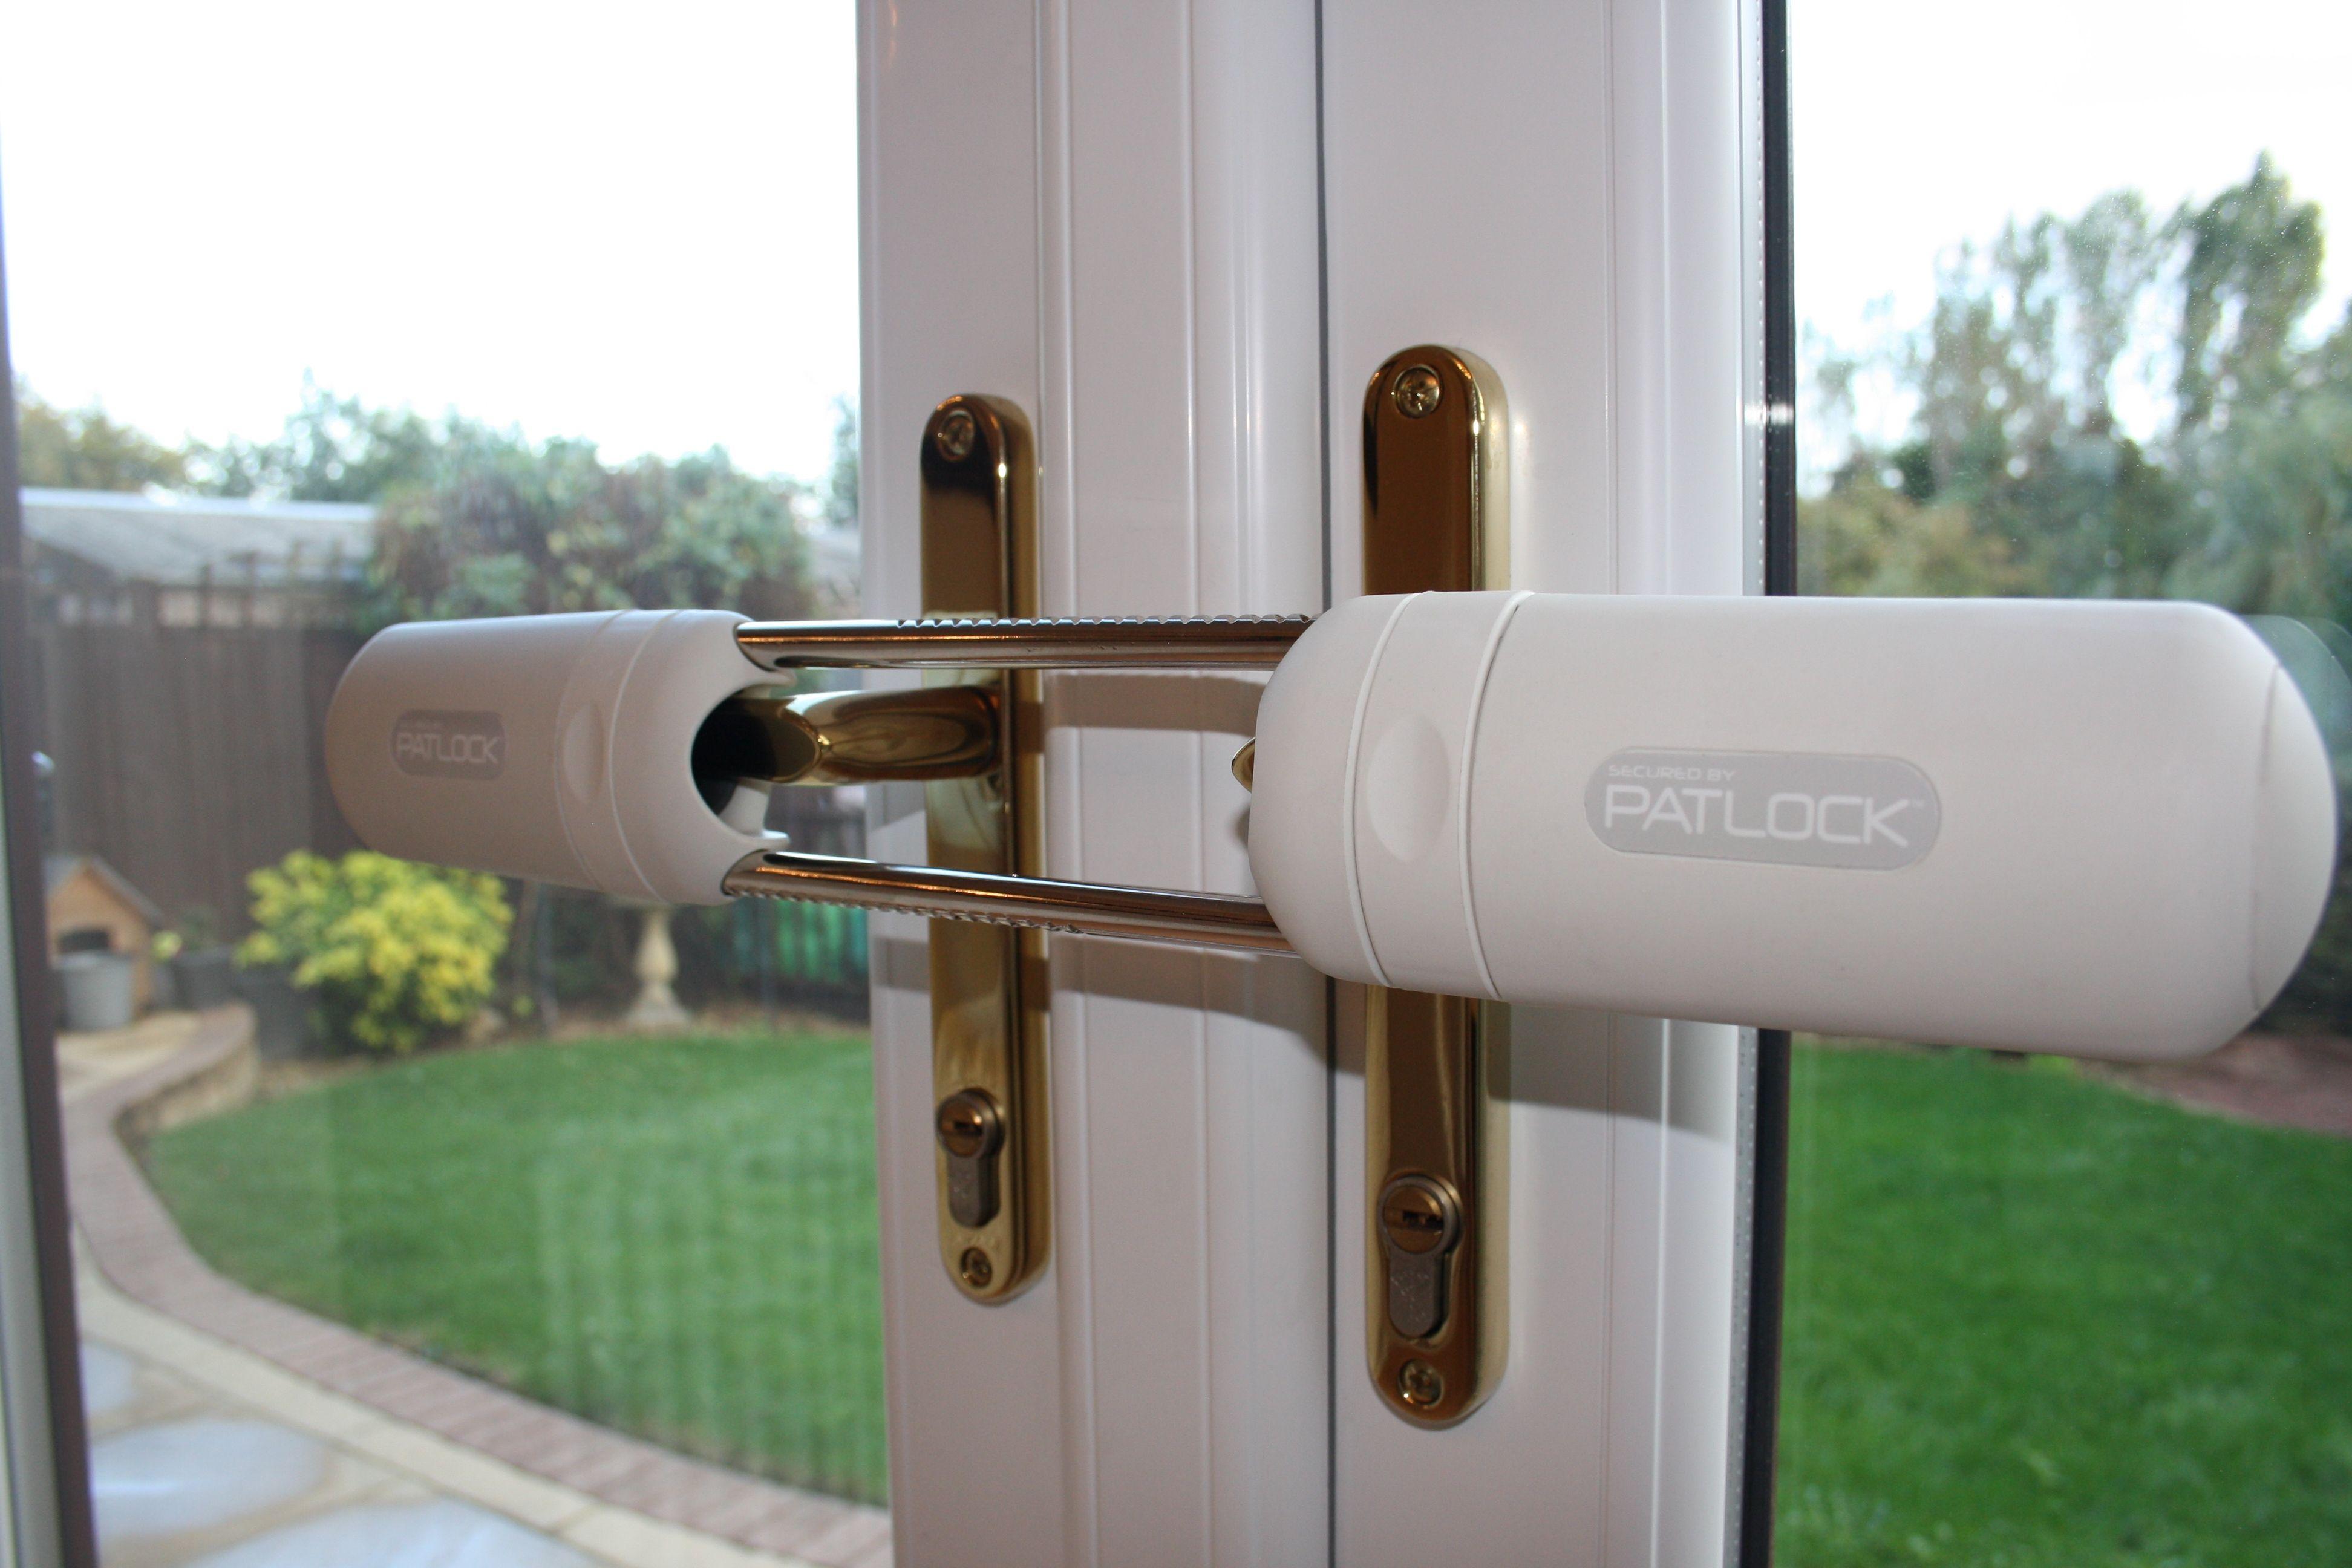 Patio Door Security Locks Patio Decor Pinterest Patio Doors